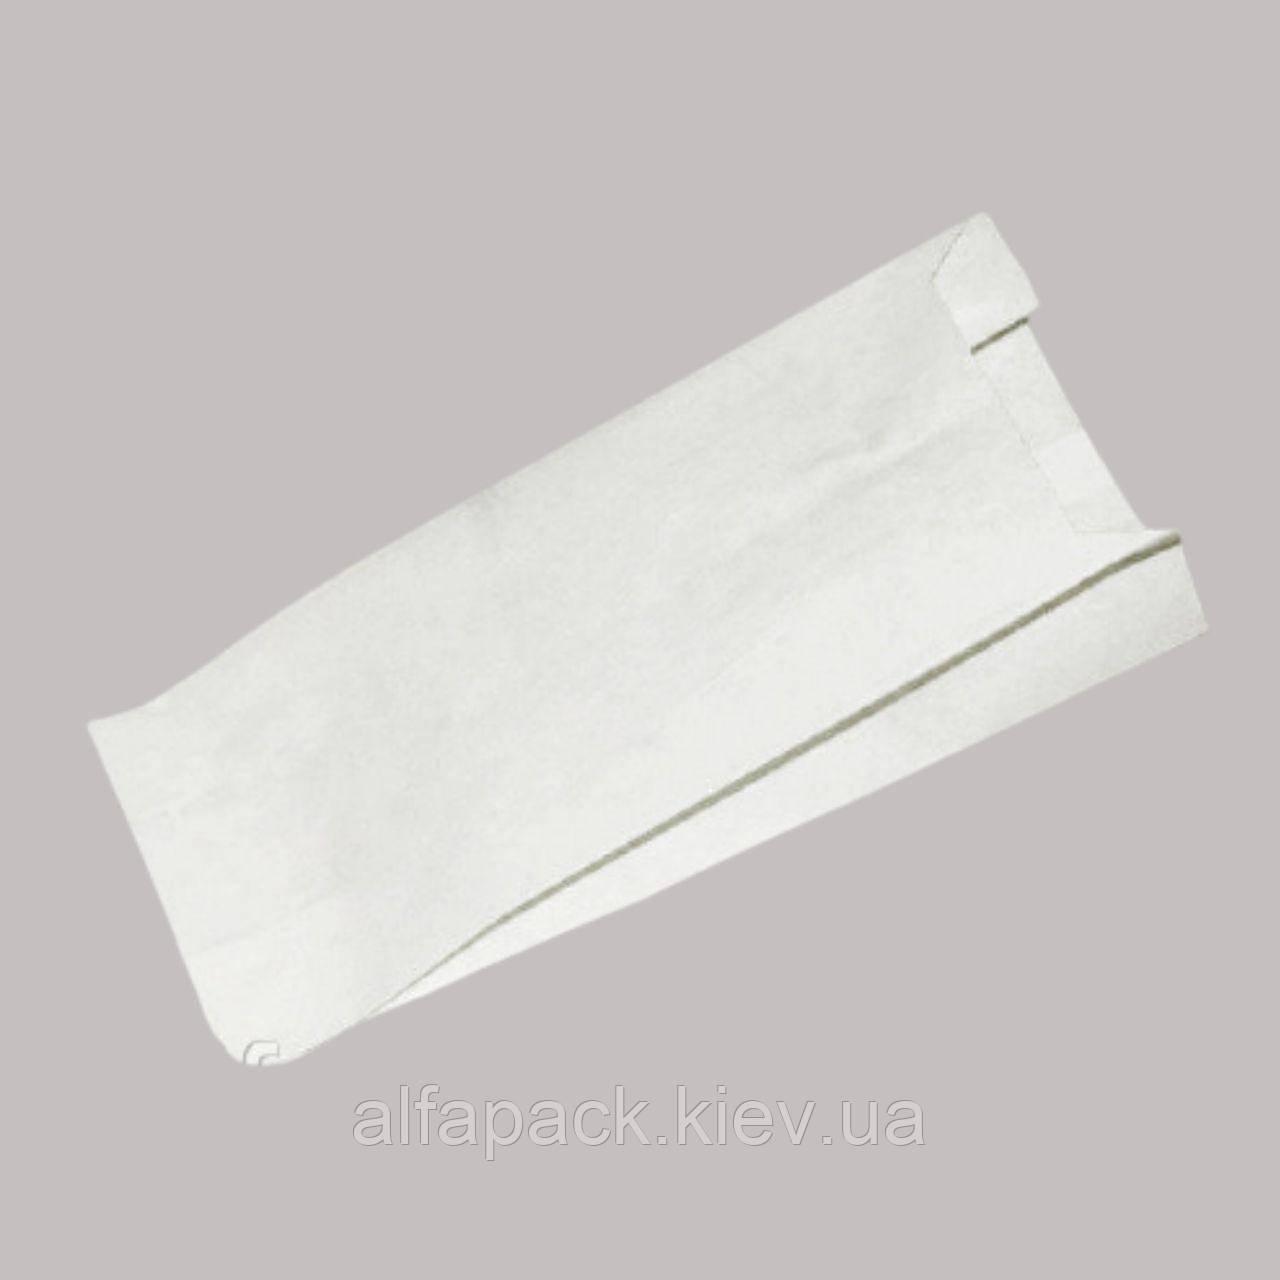 Пакет саше бумажный 220x140x50 мм, упаковка 1000 шт.